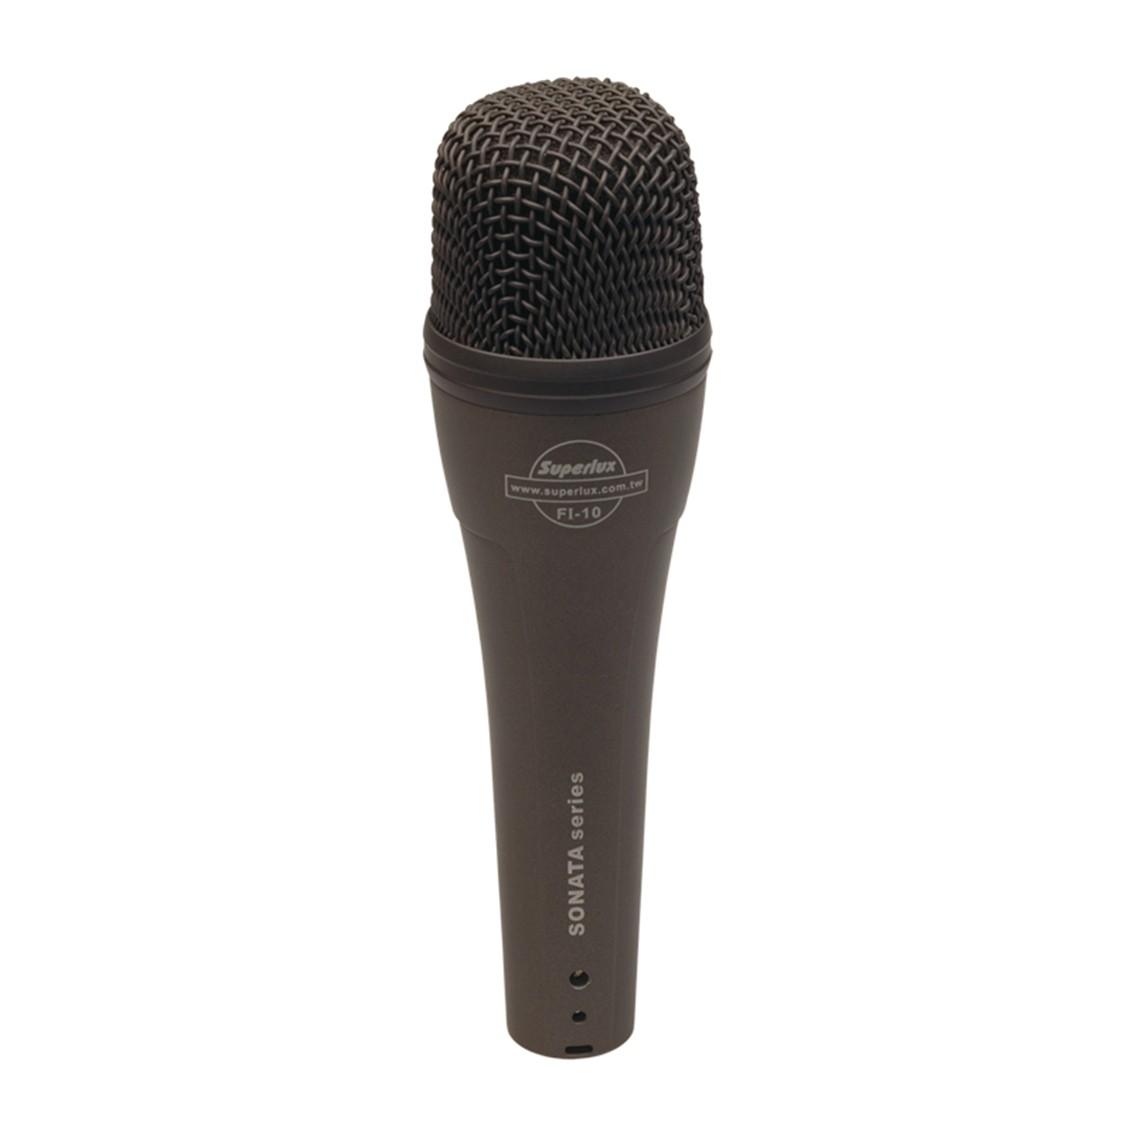 Imagem do produto Microfone de Mão Superlux Sonata FI-10